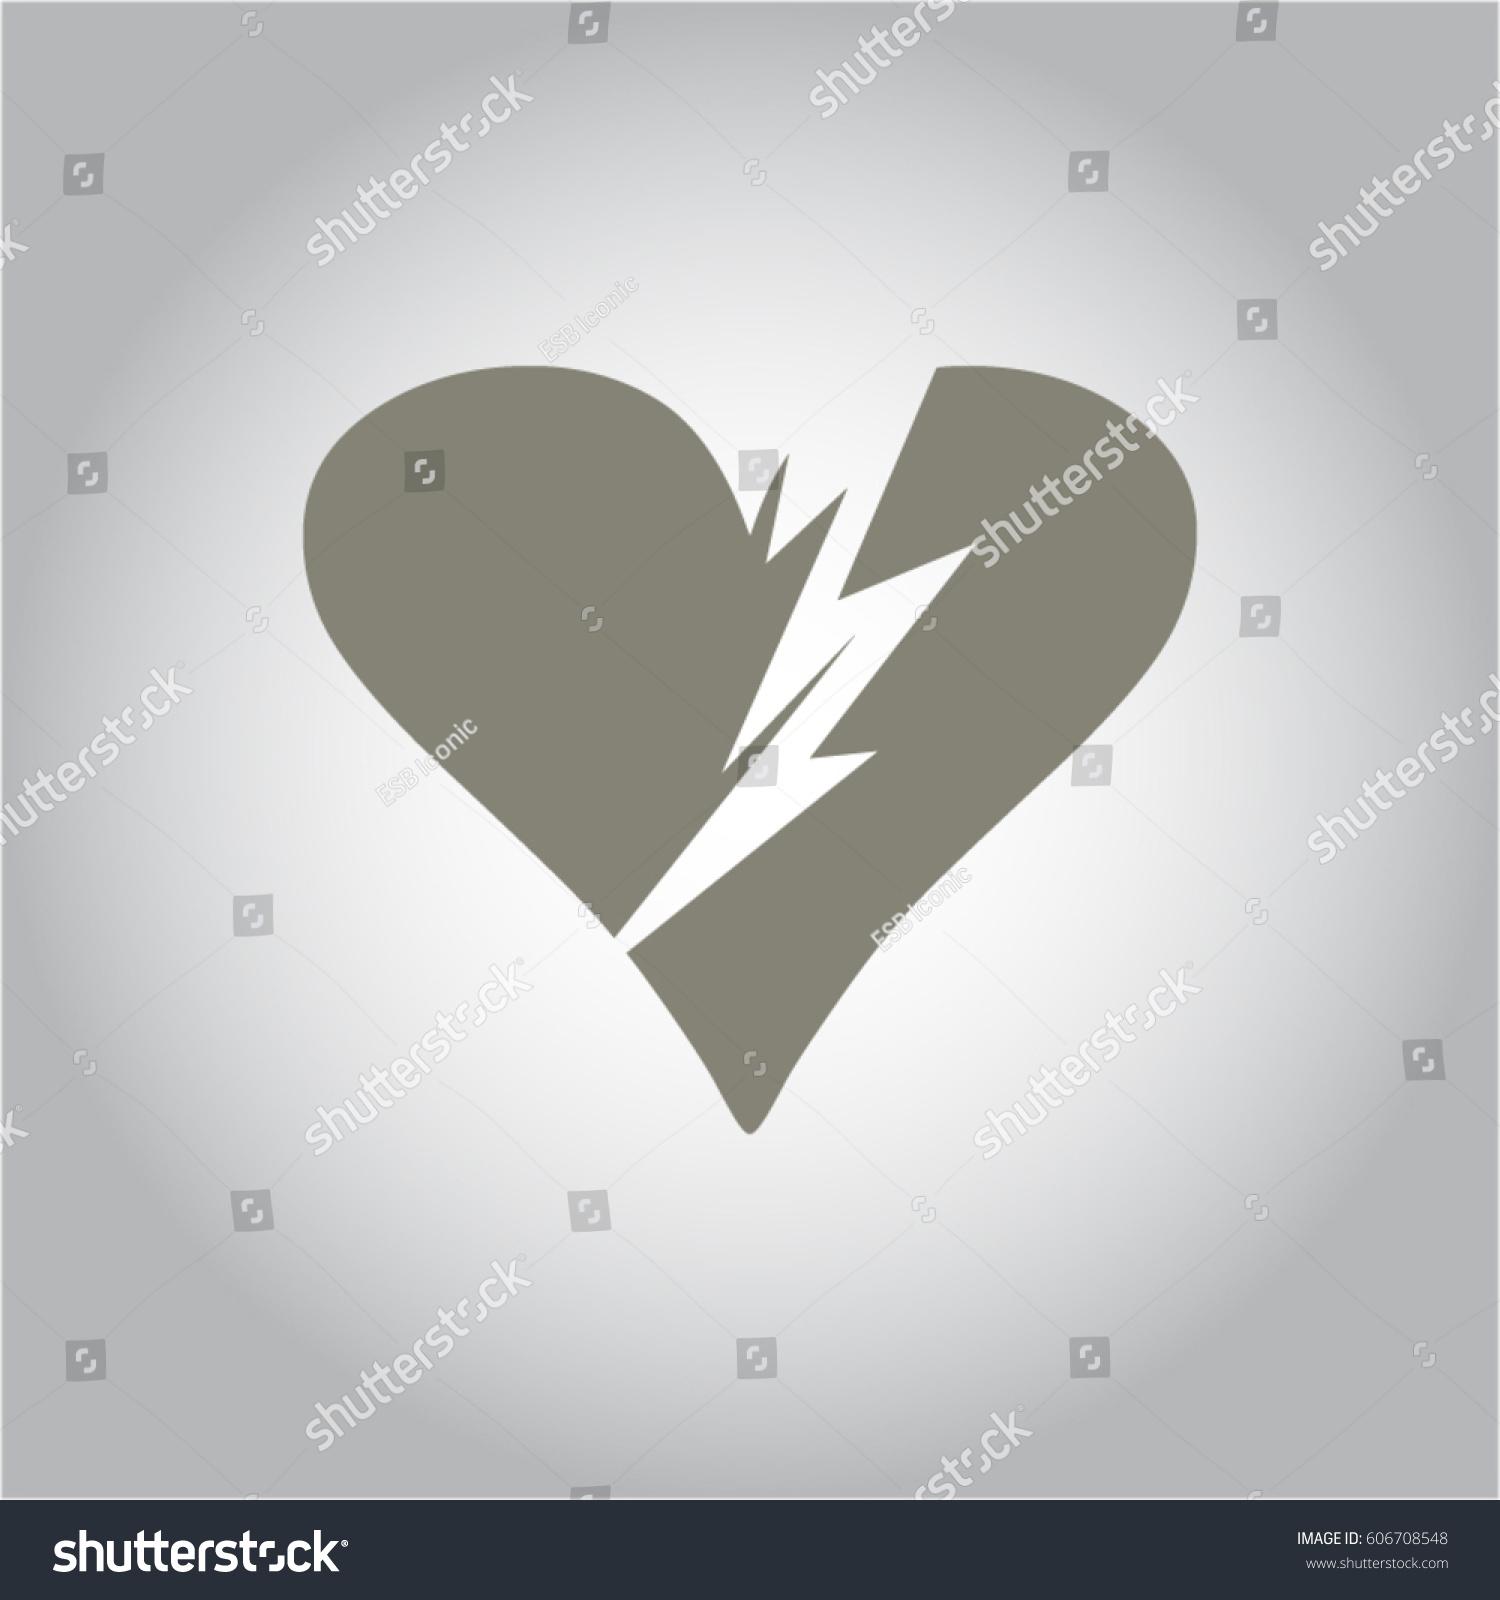 Vector illustration broken heart symbol grey stock vector vector illustration of broken heart symbol in grey color buycottarizona